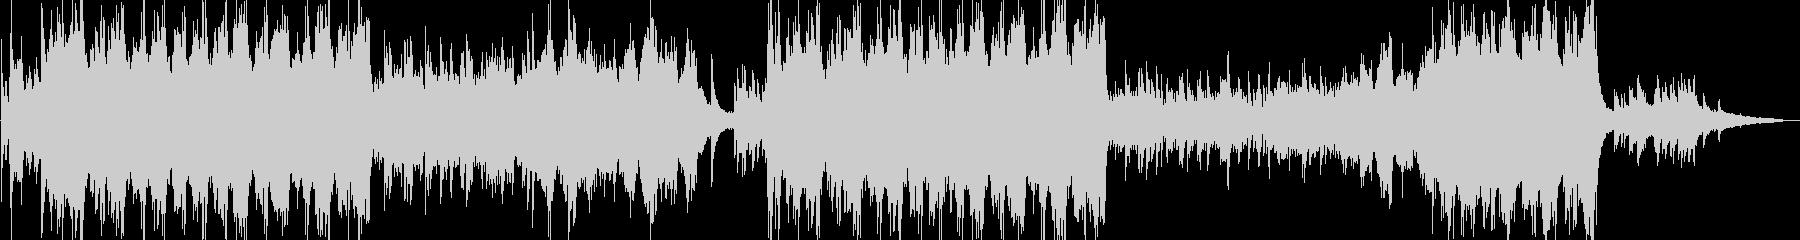 ピアノオーケストラで企業VP映像OPにの未再生の波形